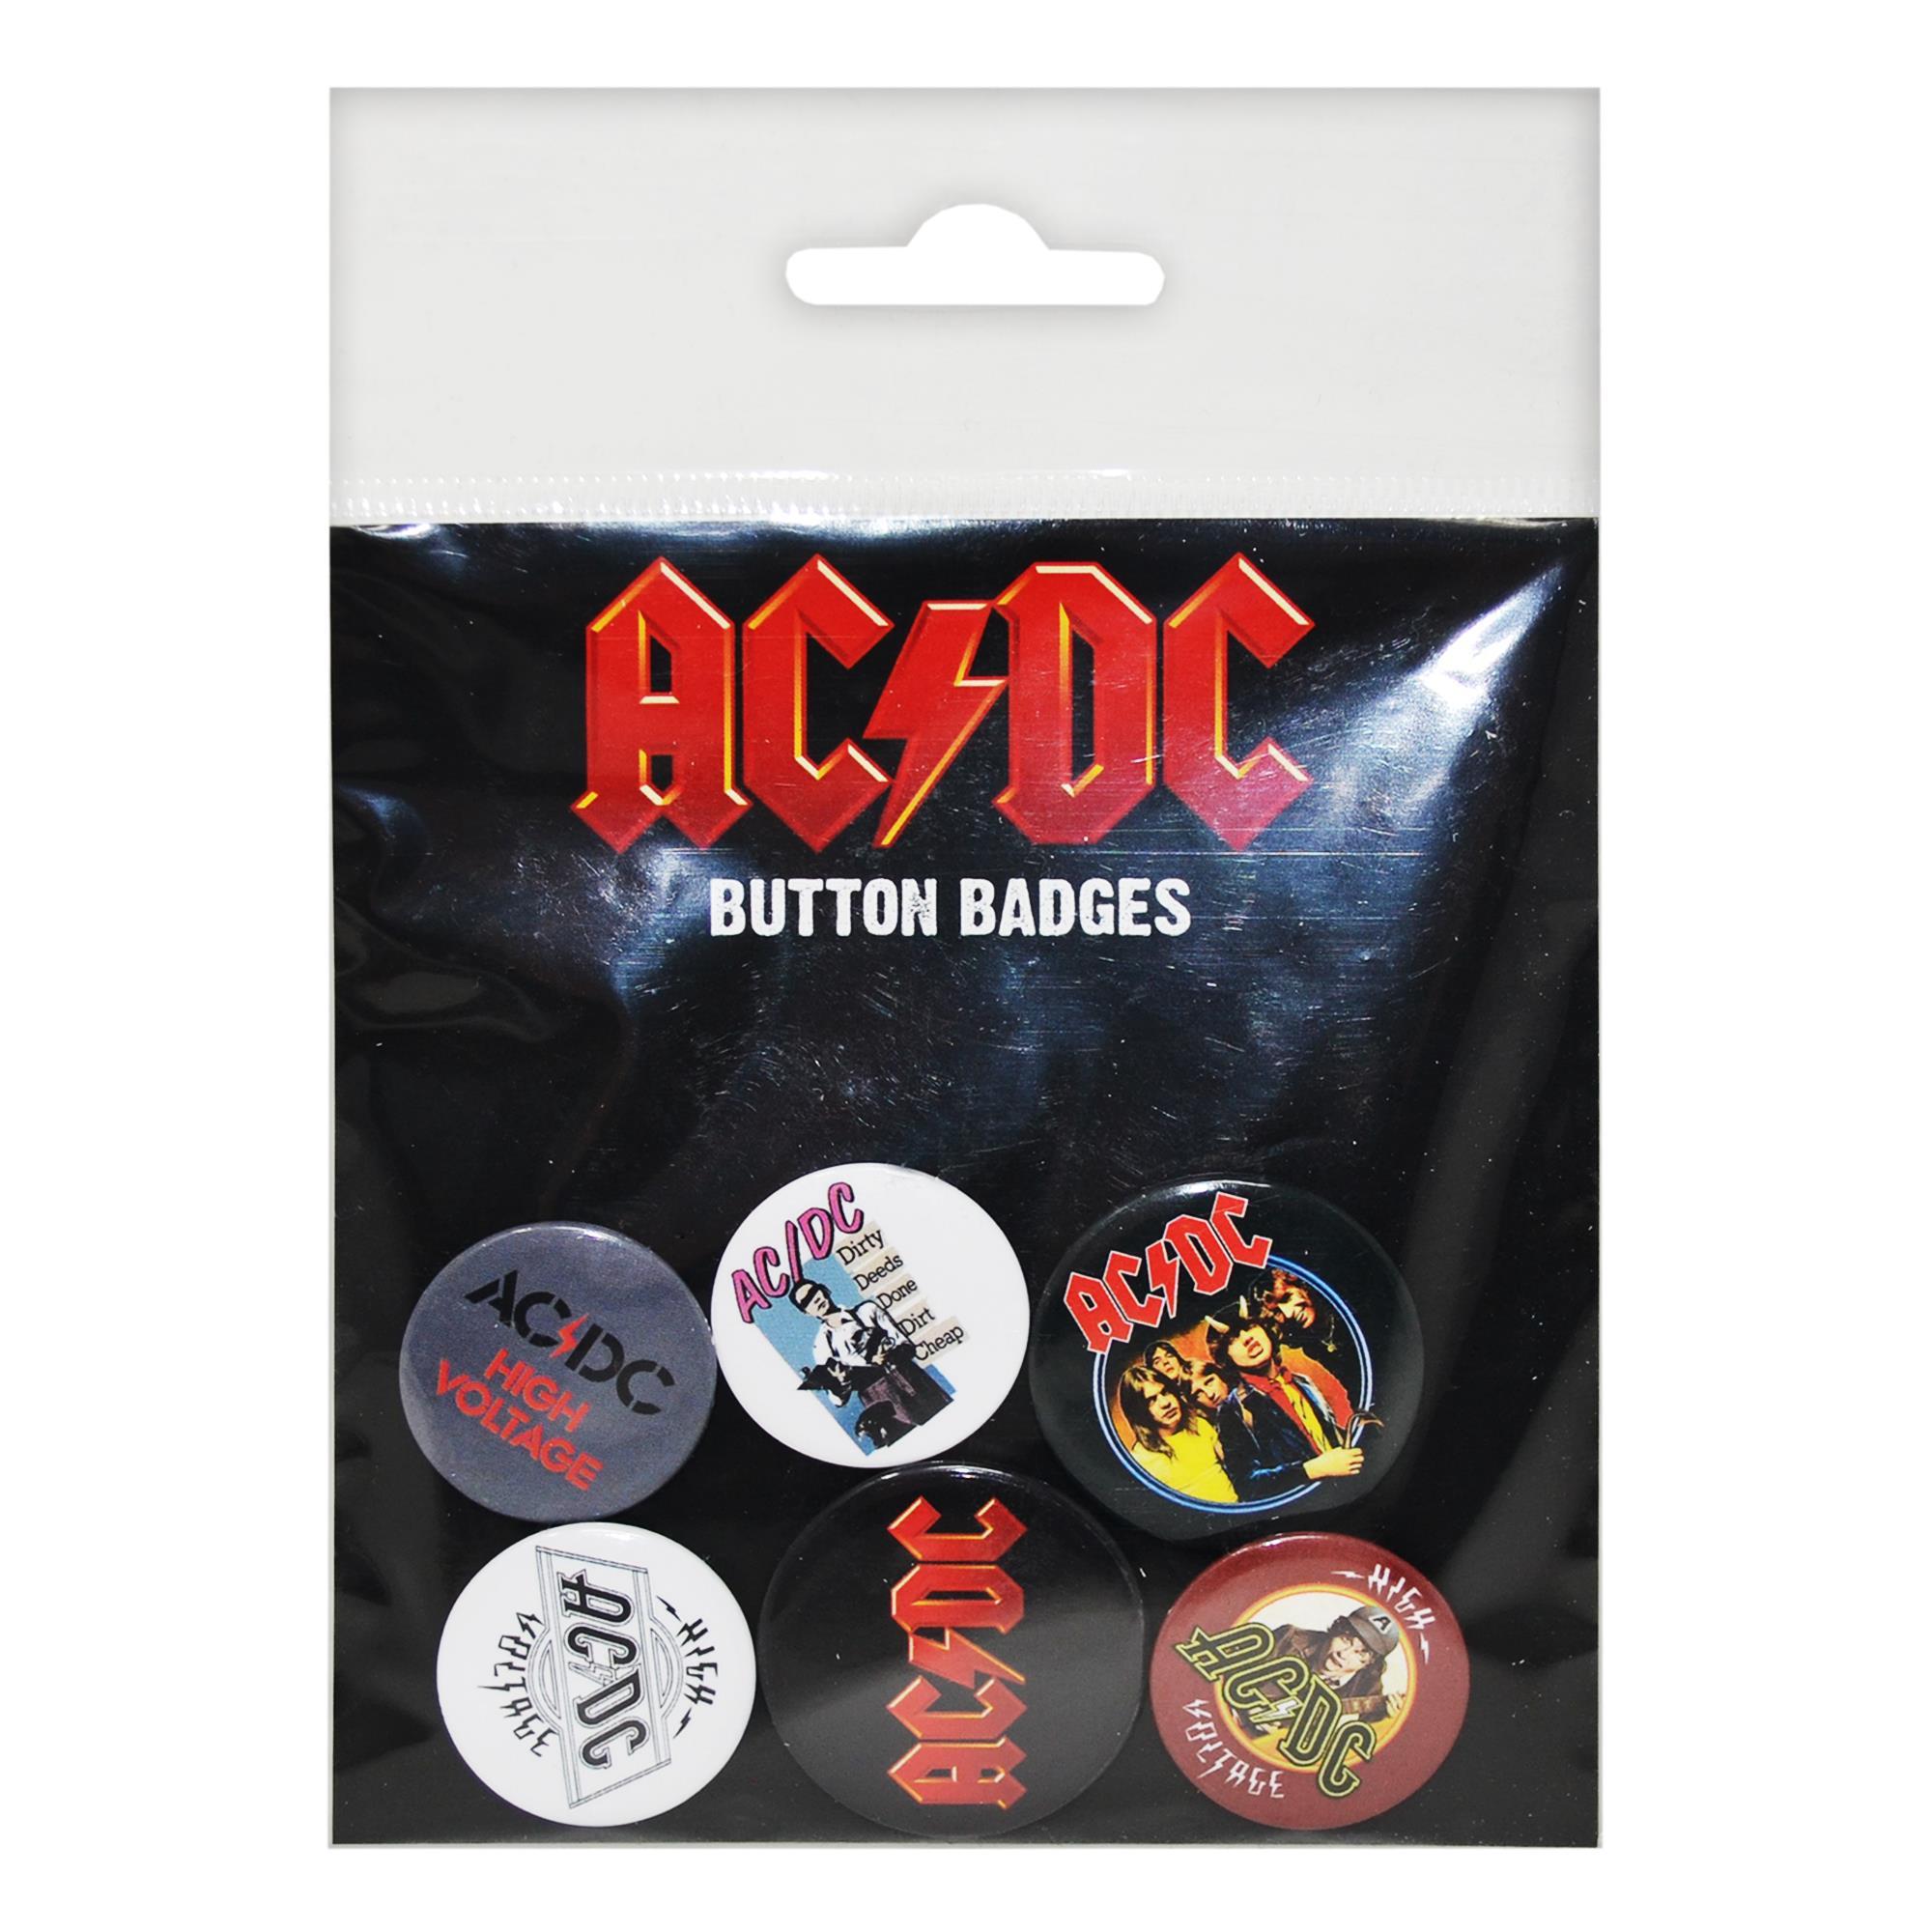 AC/DC - Button Badges - 6 pcs